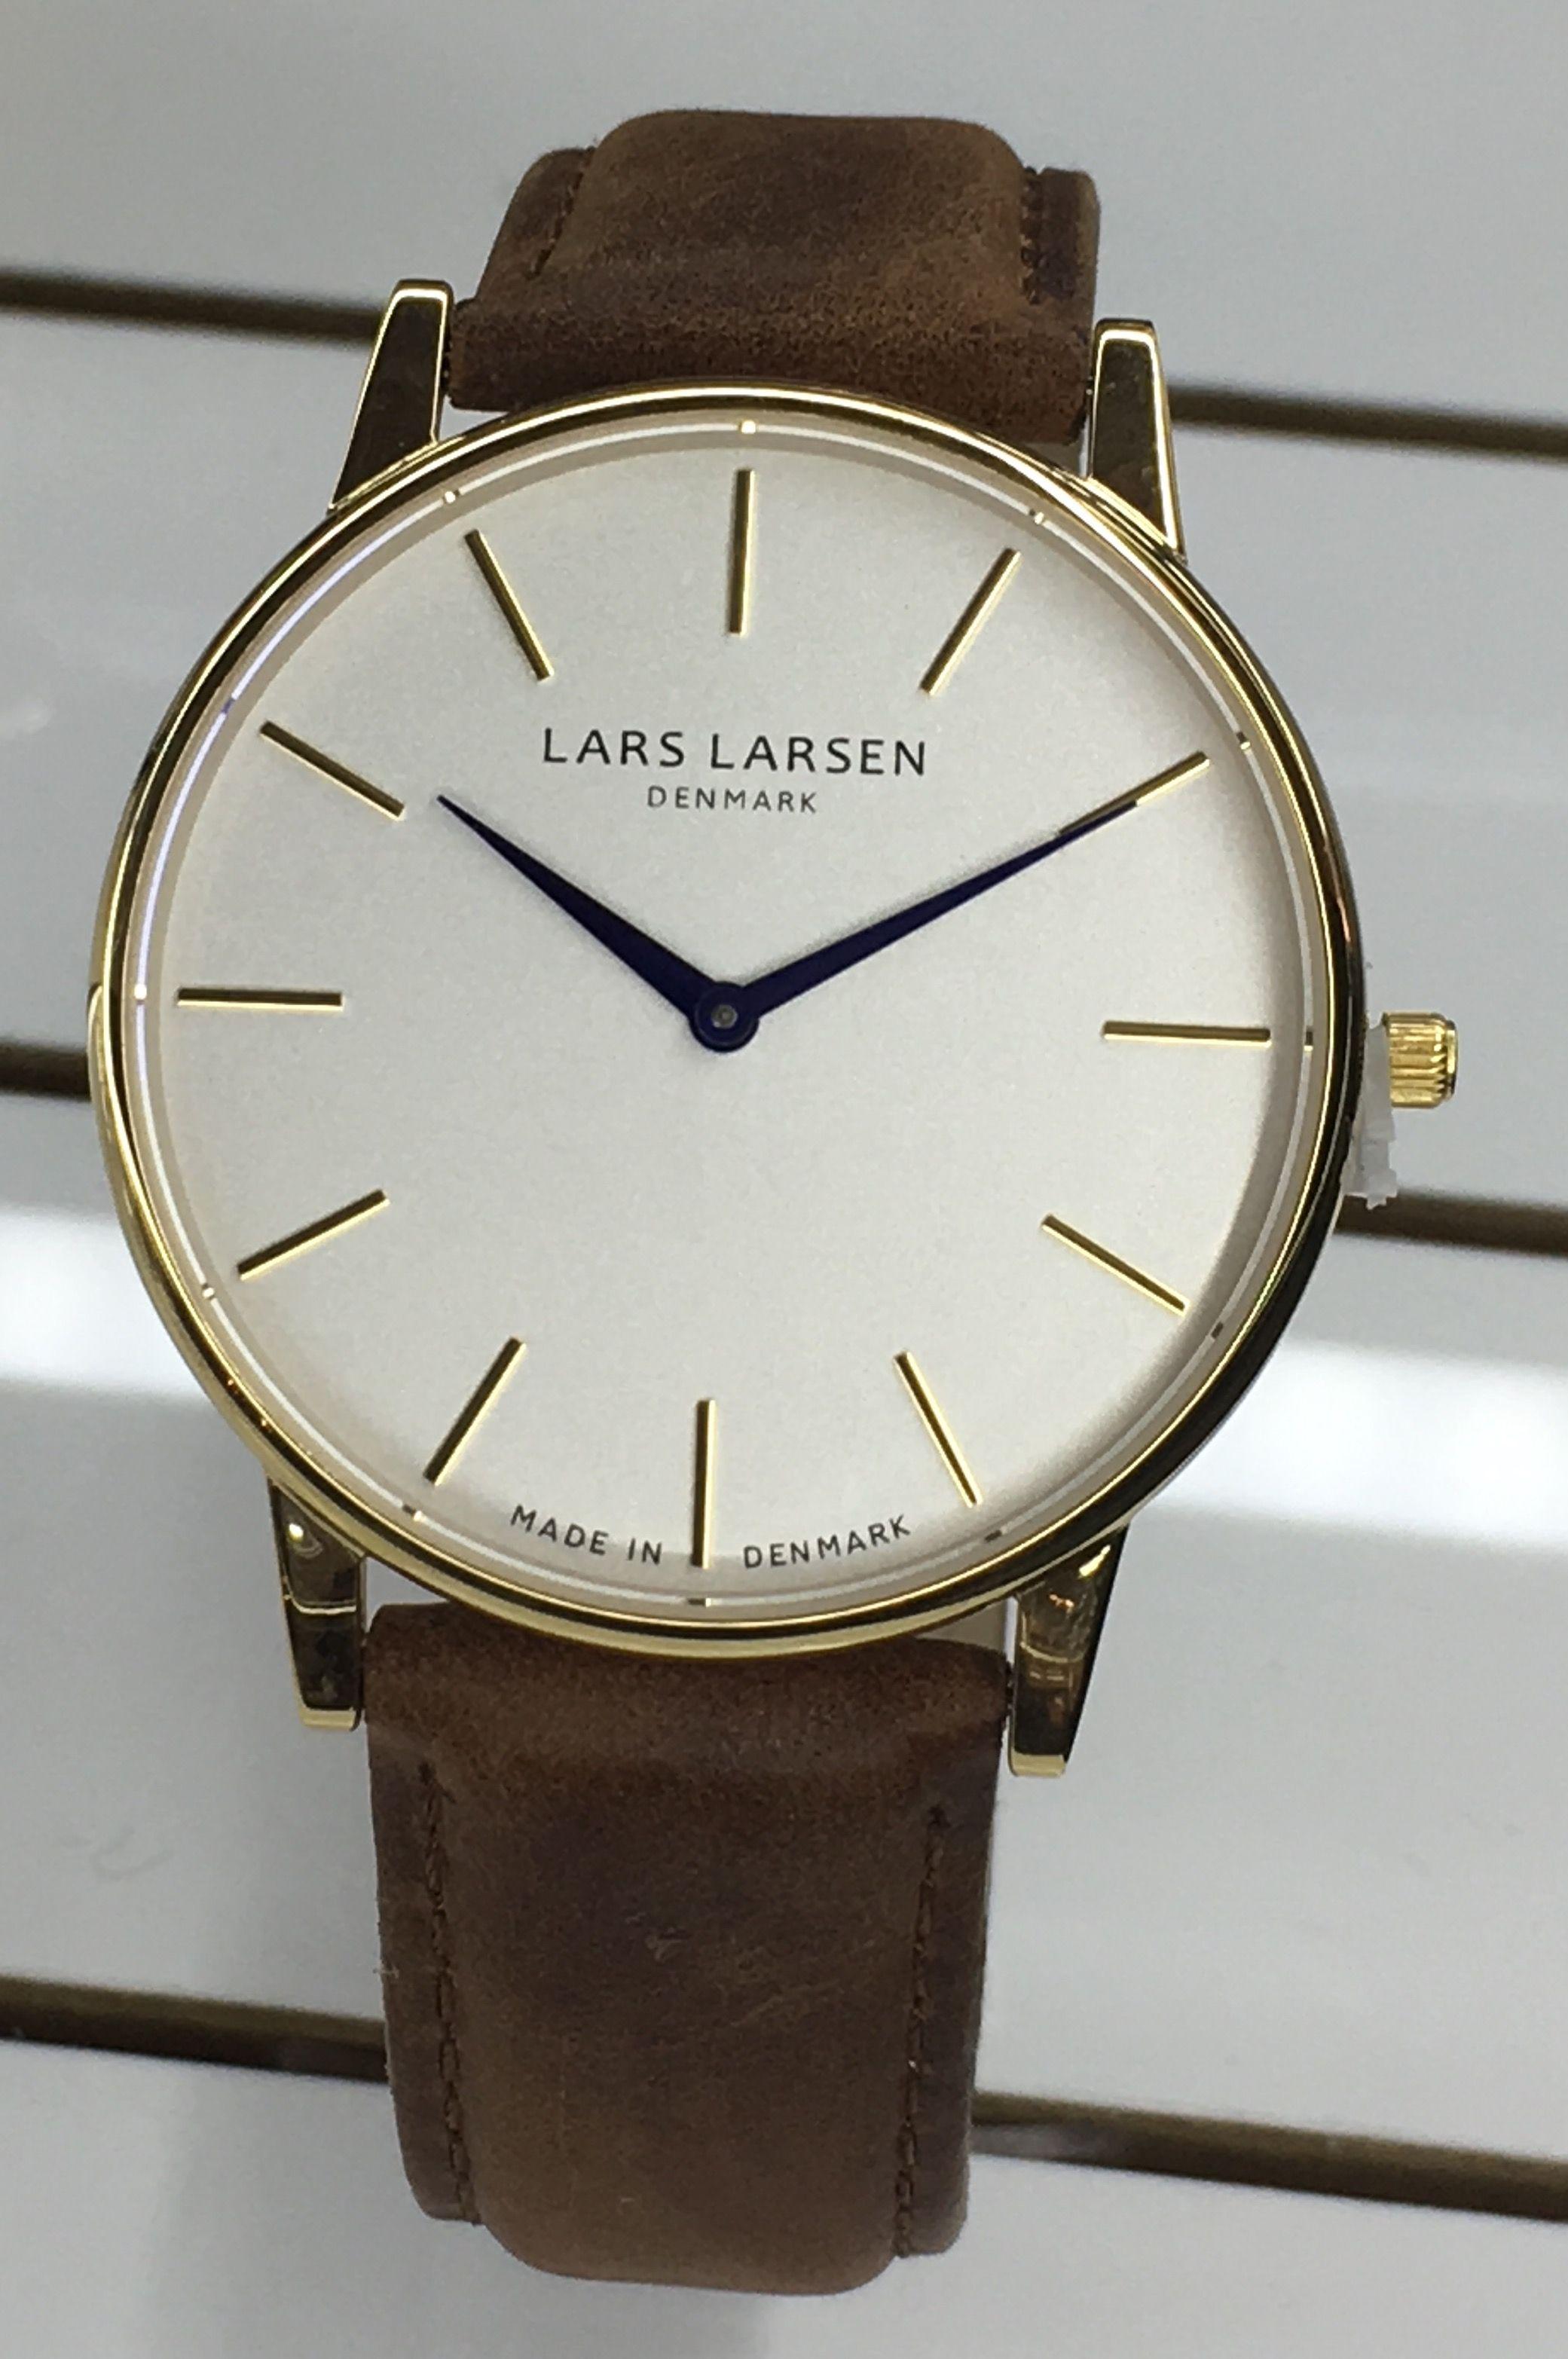 Pin by GAMSA on Lars Larsen Watches | Pinterest